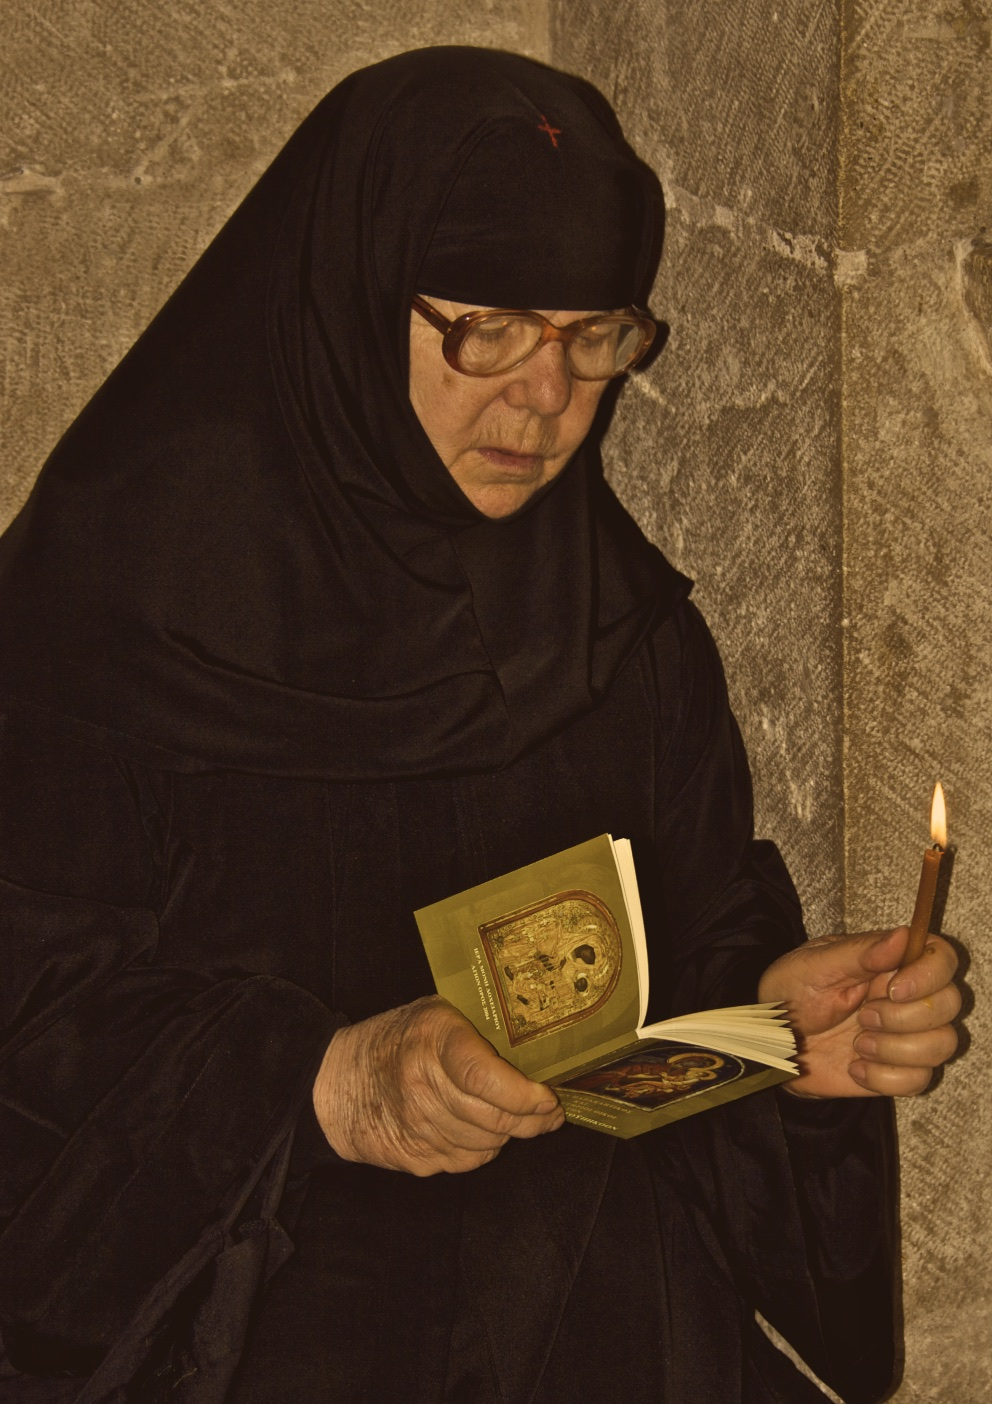 Enlightened. Jerusalem, Israel